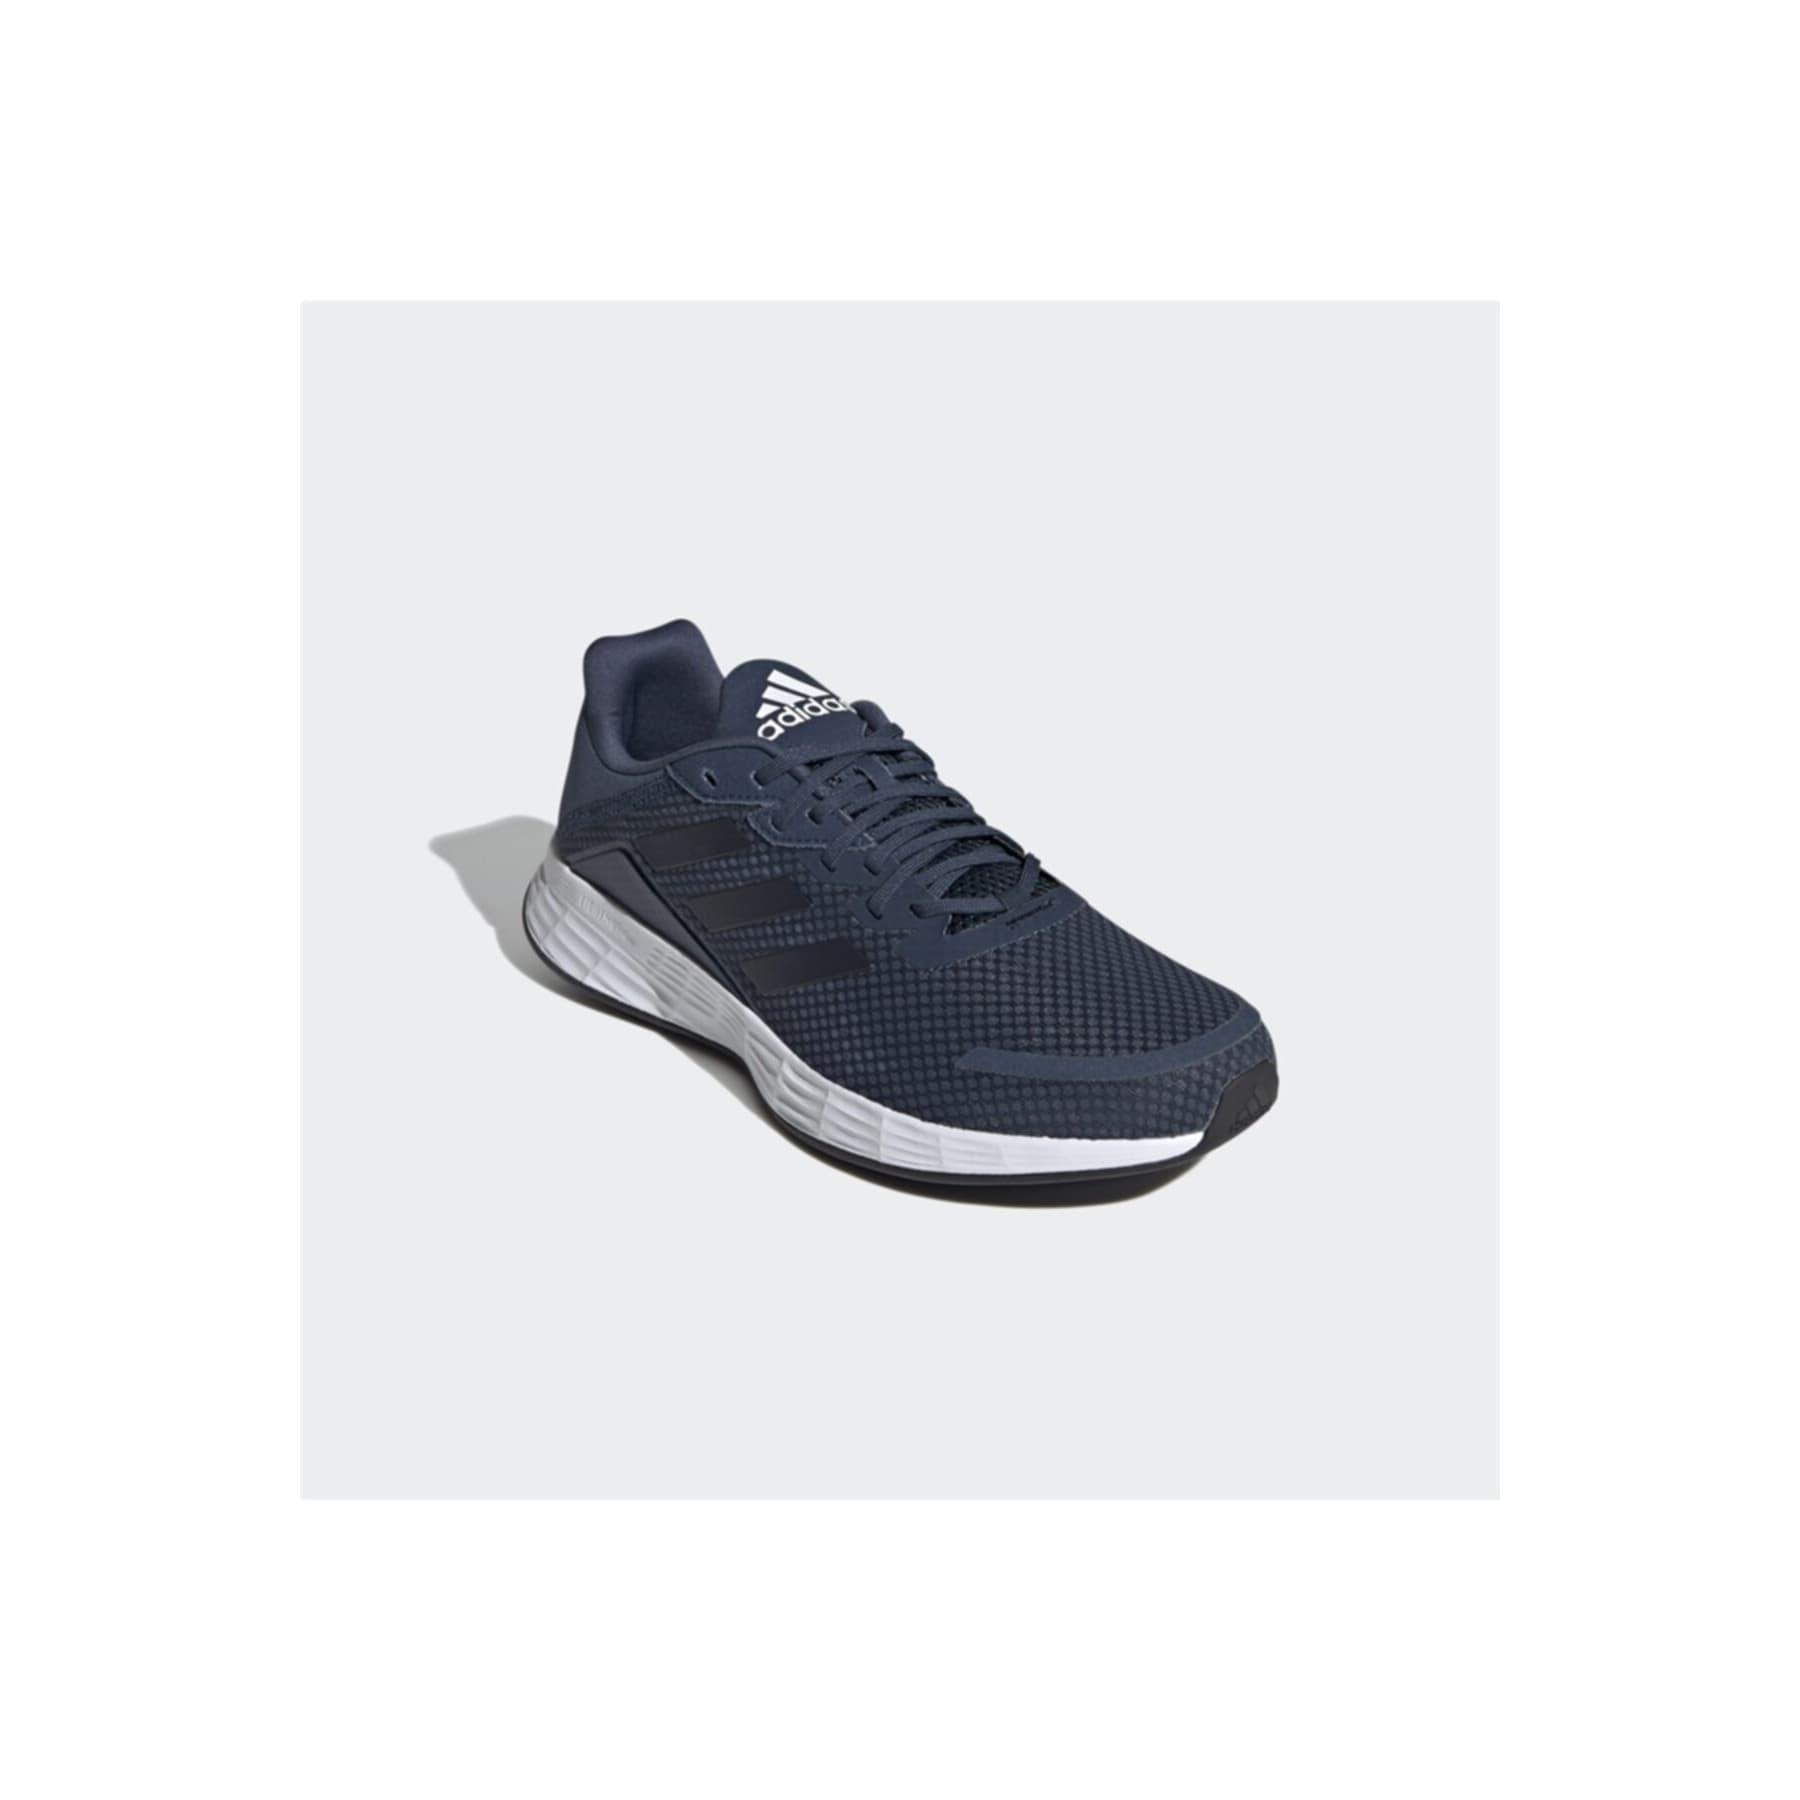 Duramo SL Erkek Mavi Koşu Ayakkabısı (FY6681)